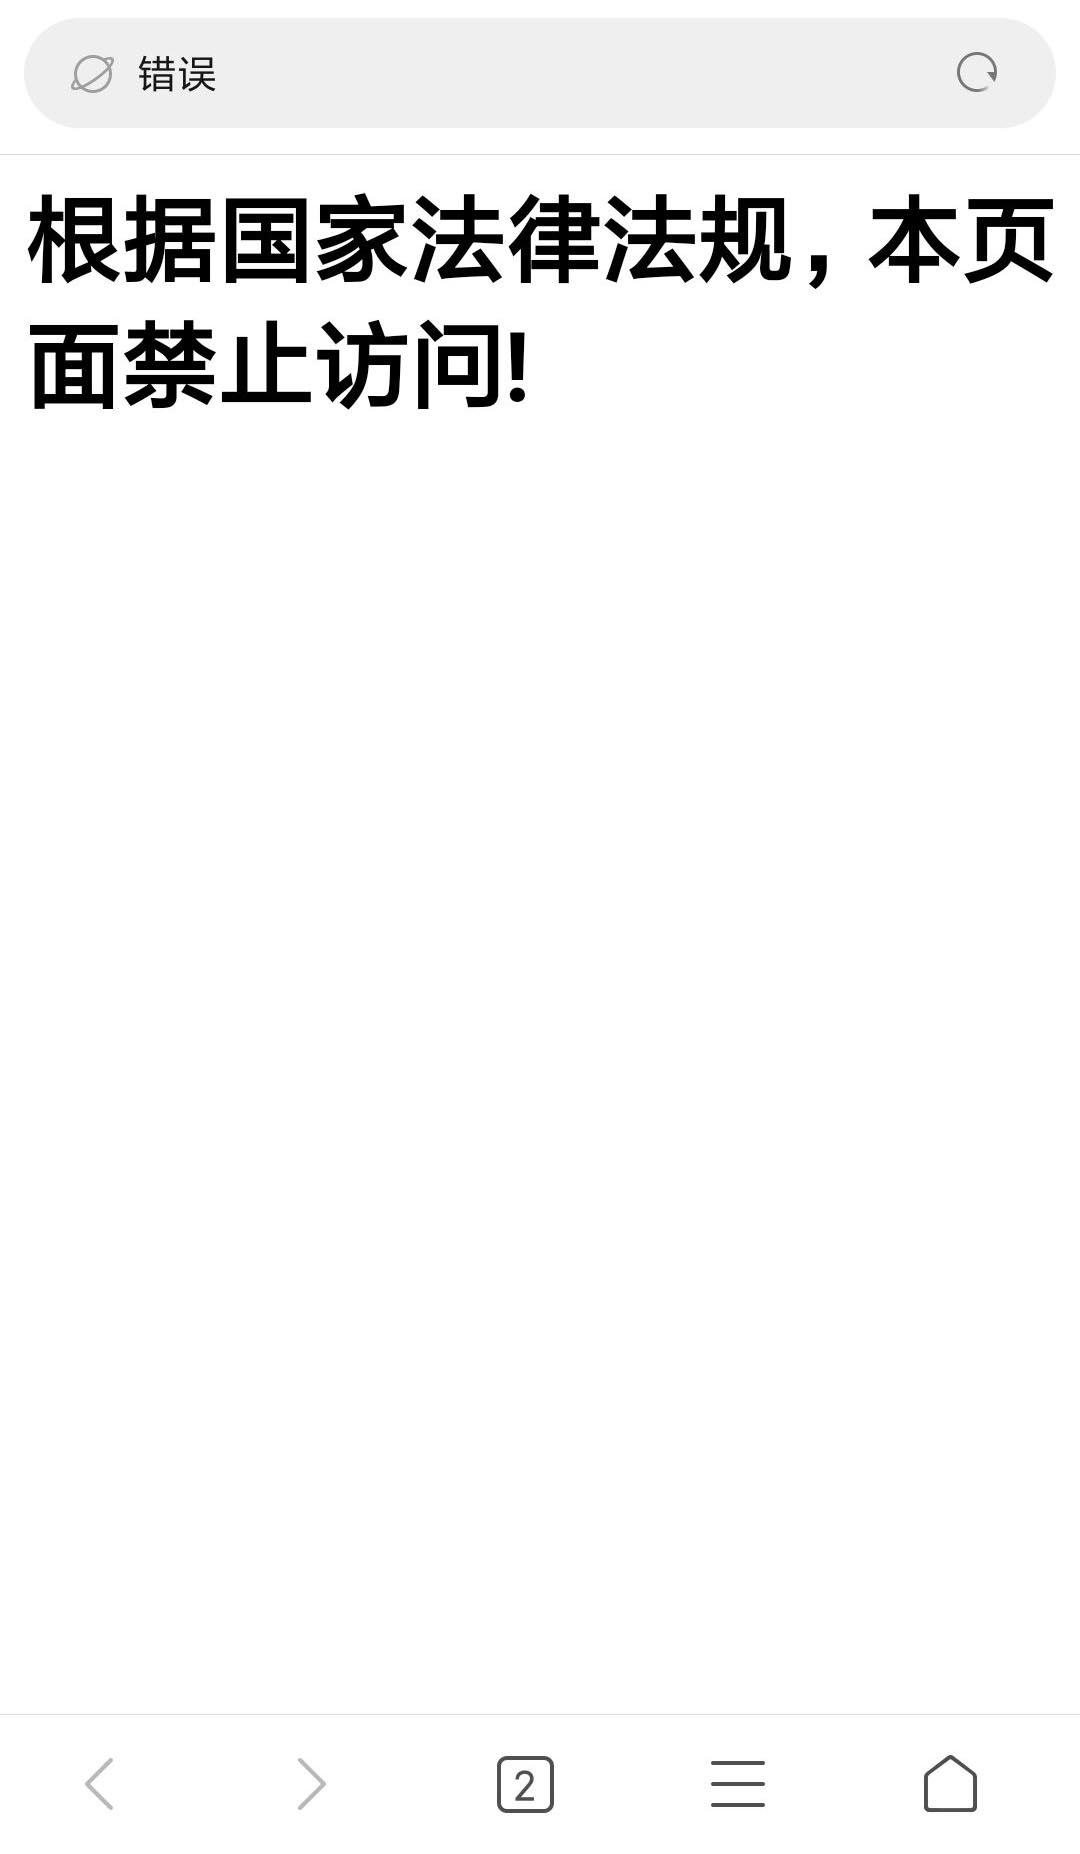 小米自带浏览器拦截屏蔽网址